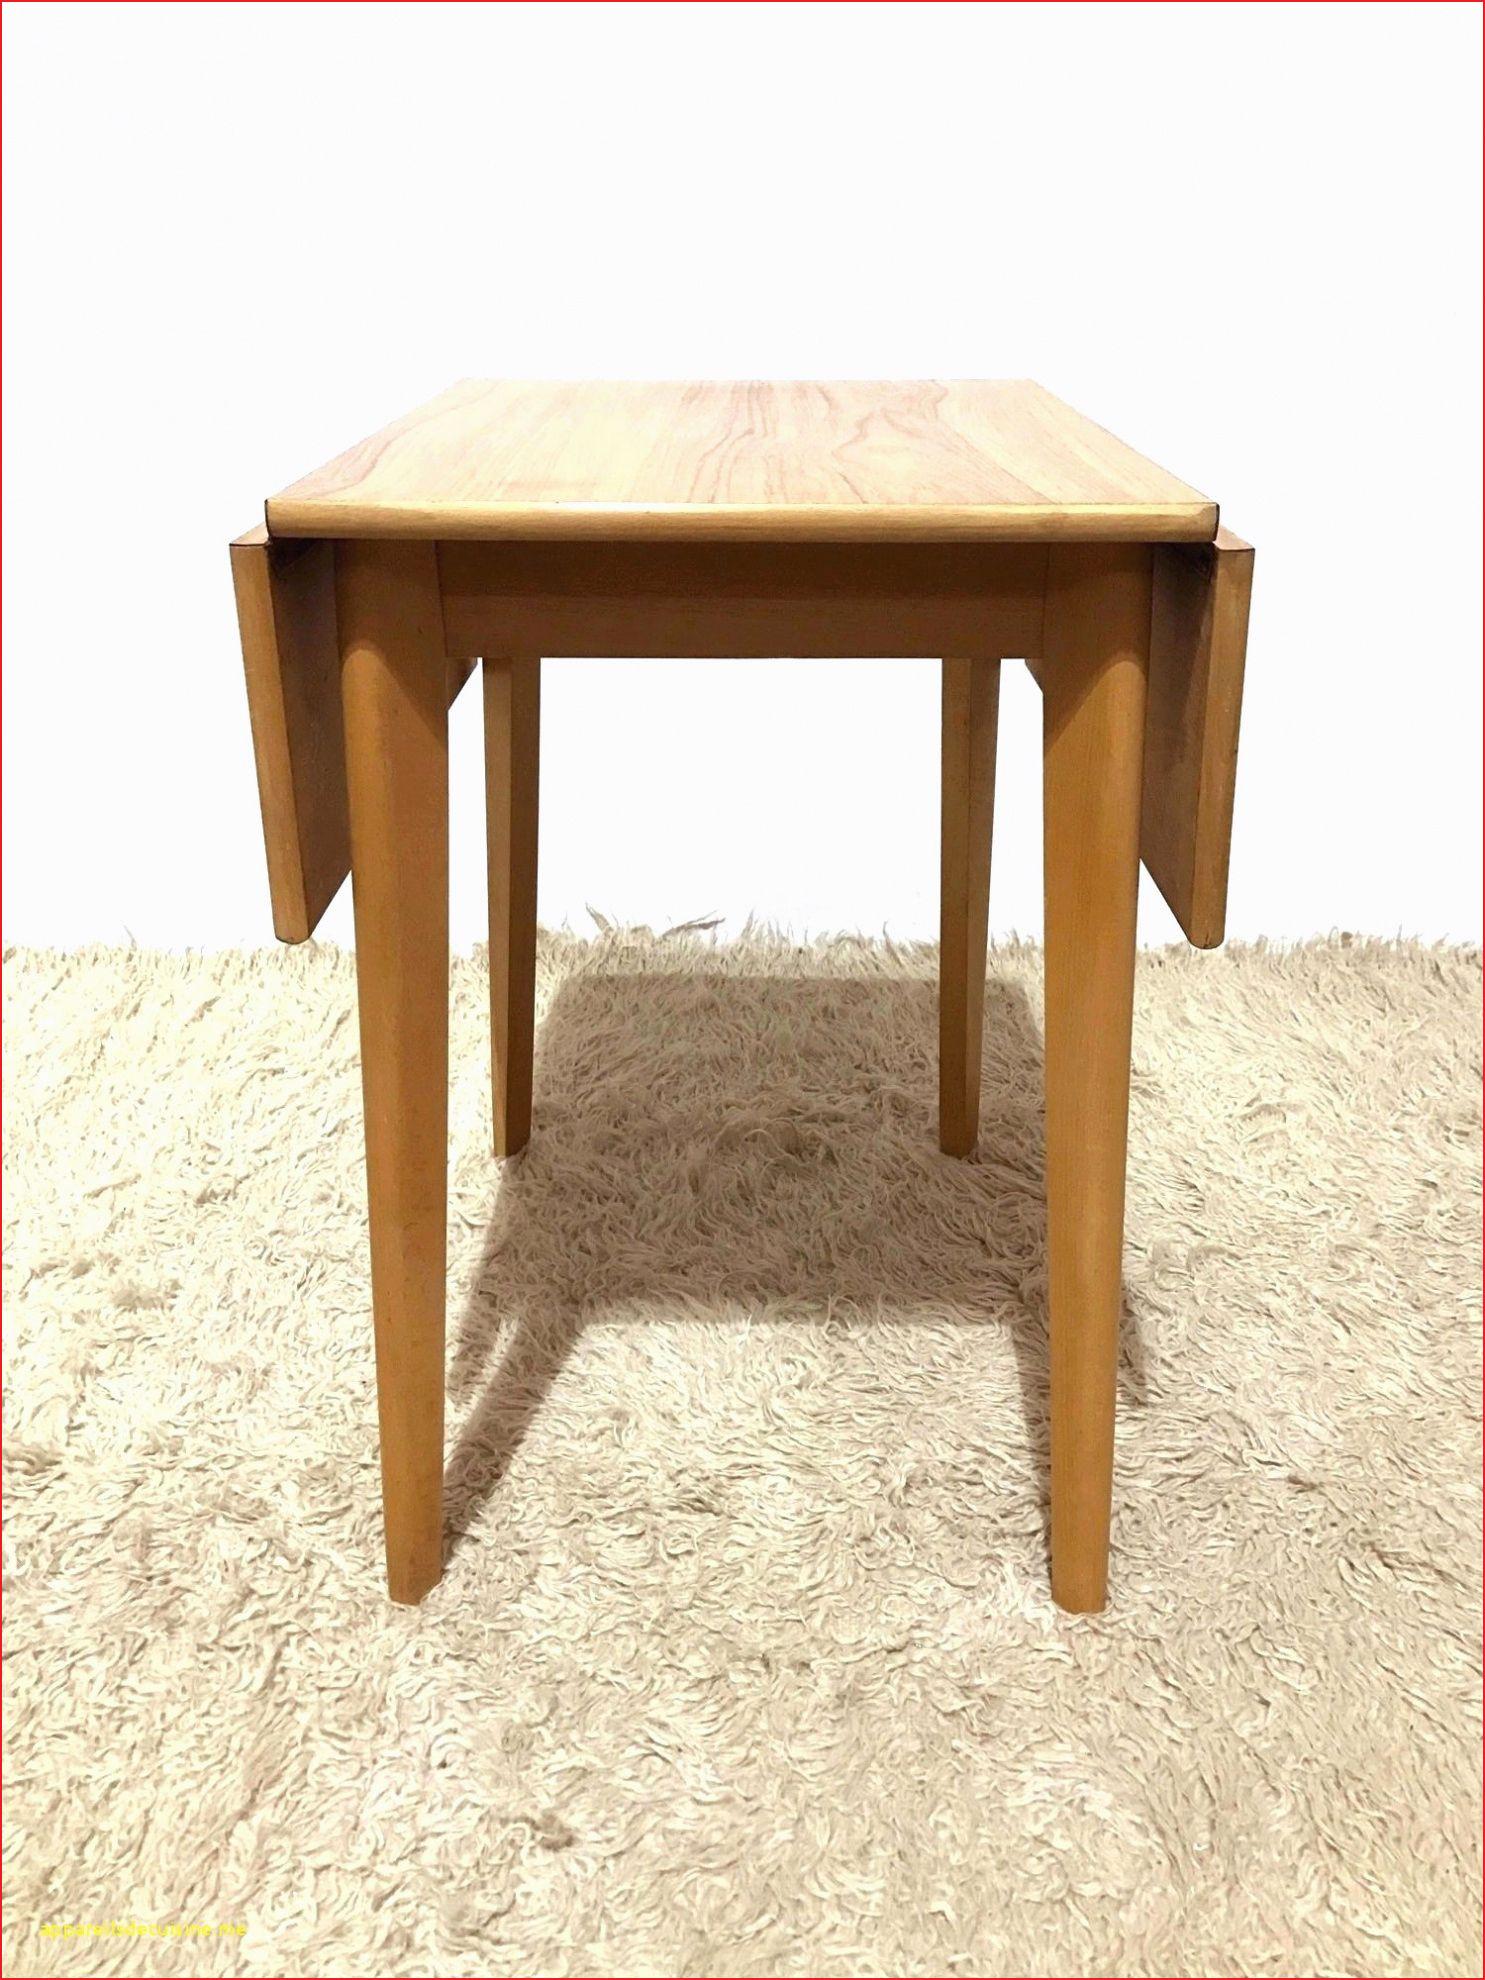 Table Et Chaise De Jardin En Bois Beau Fa§ons De Fauteuil Bois Image De Fauteuil Décoratif